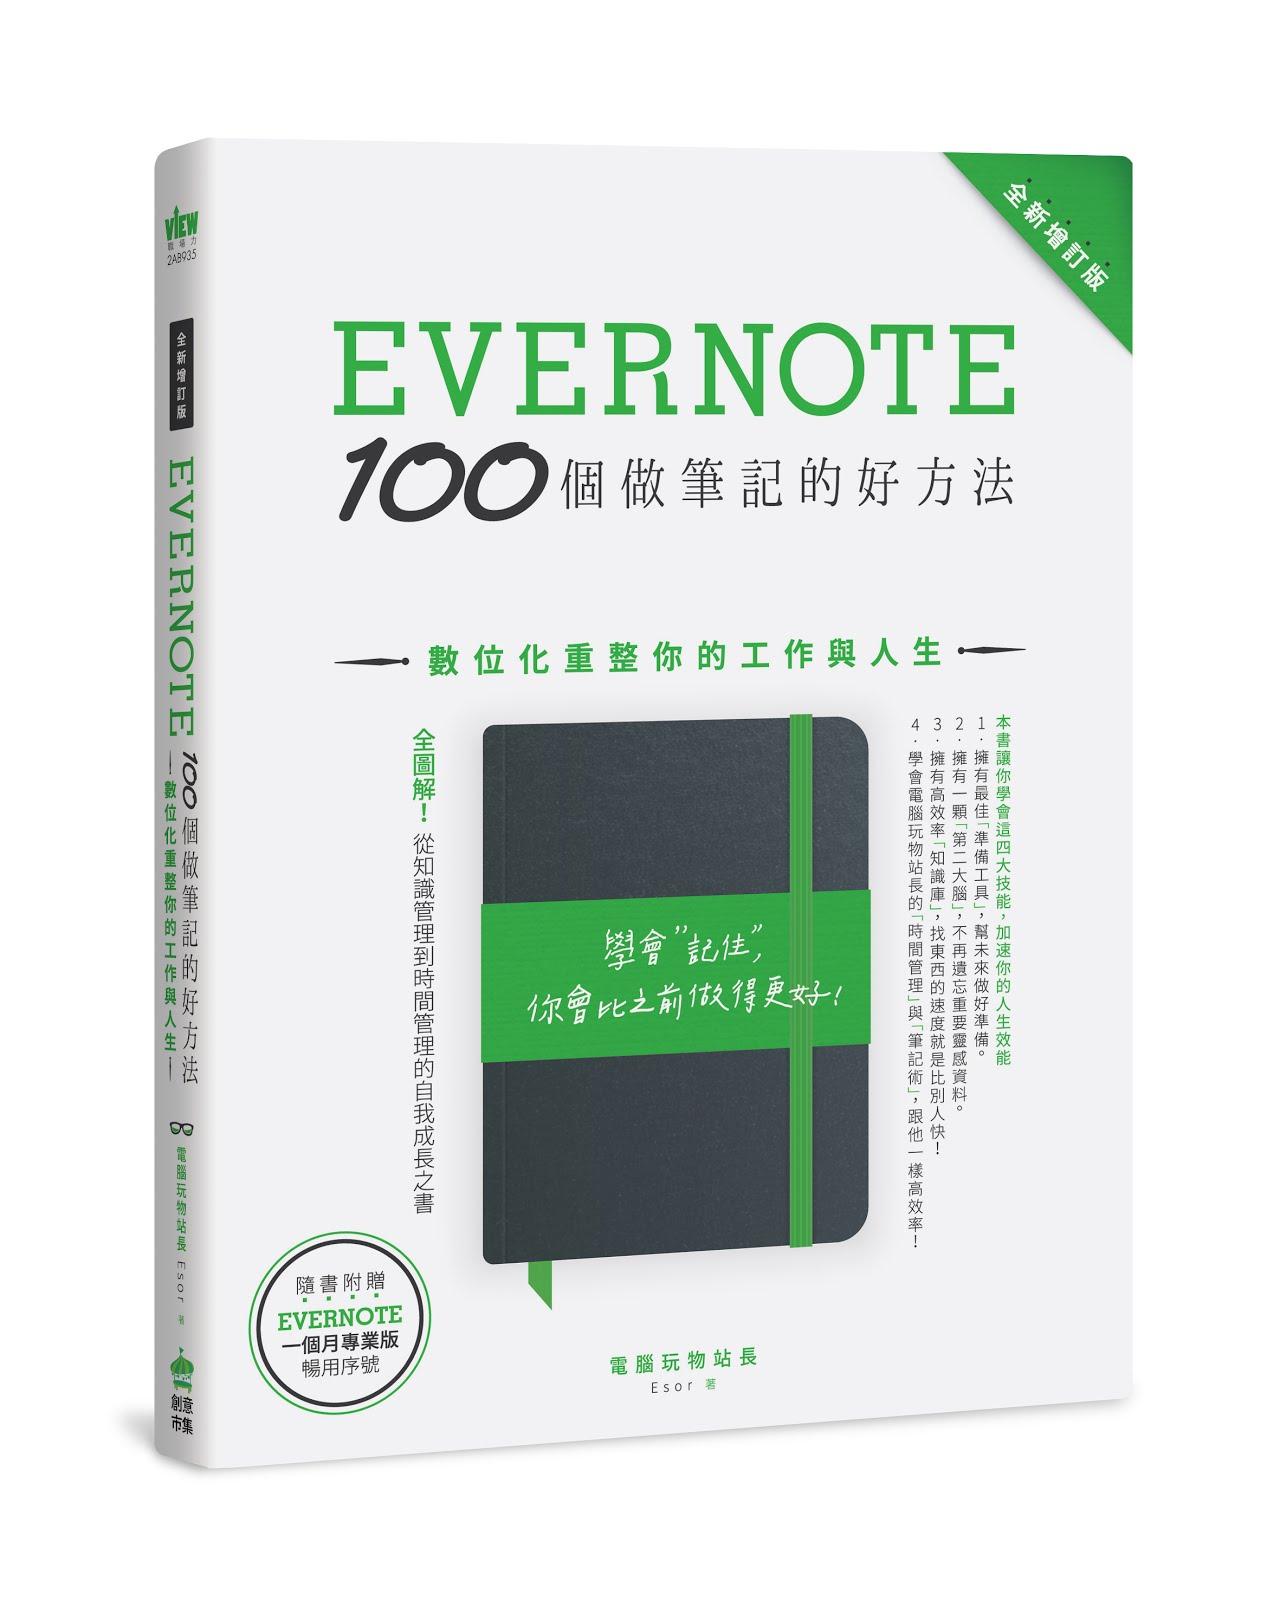 我的 Evernote 新書!點擊封面參閱